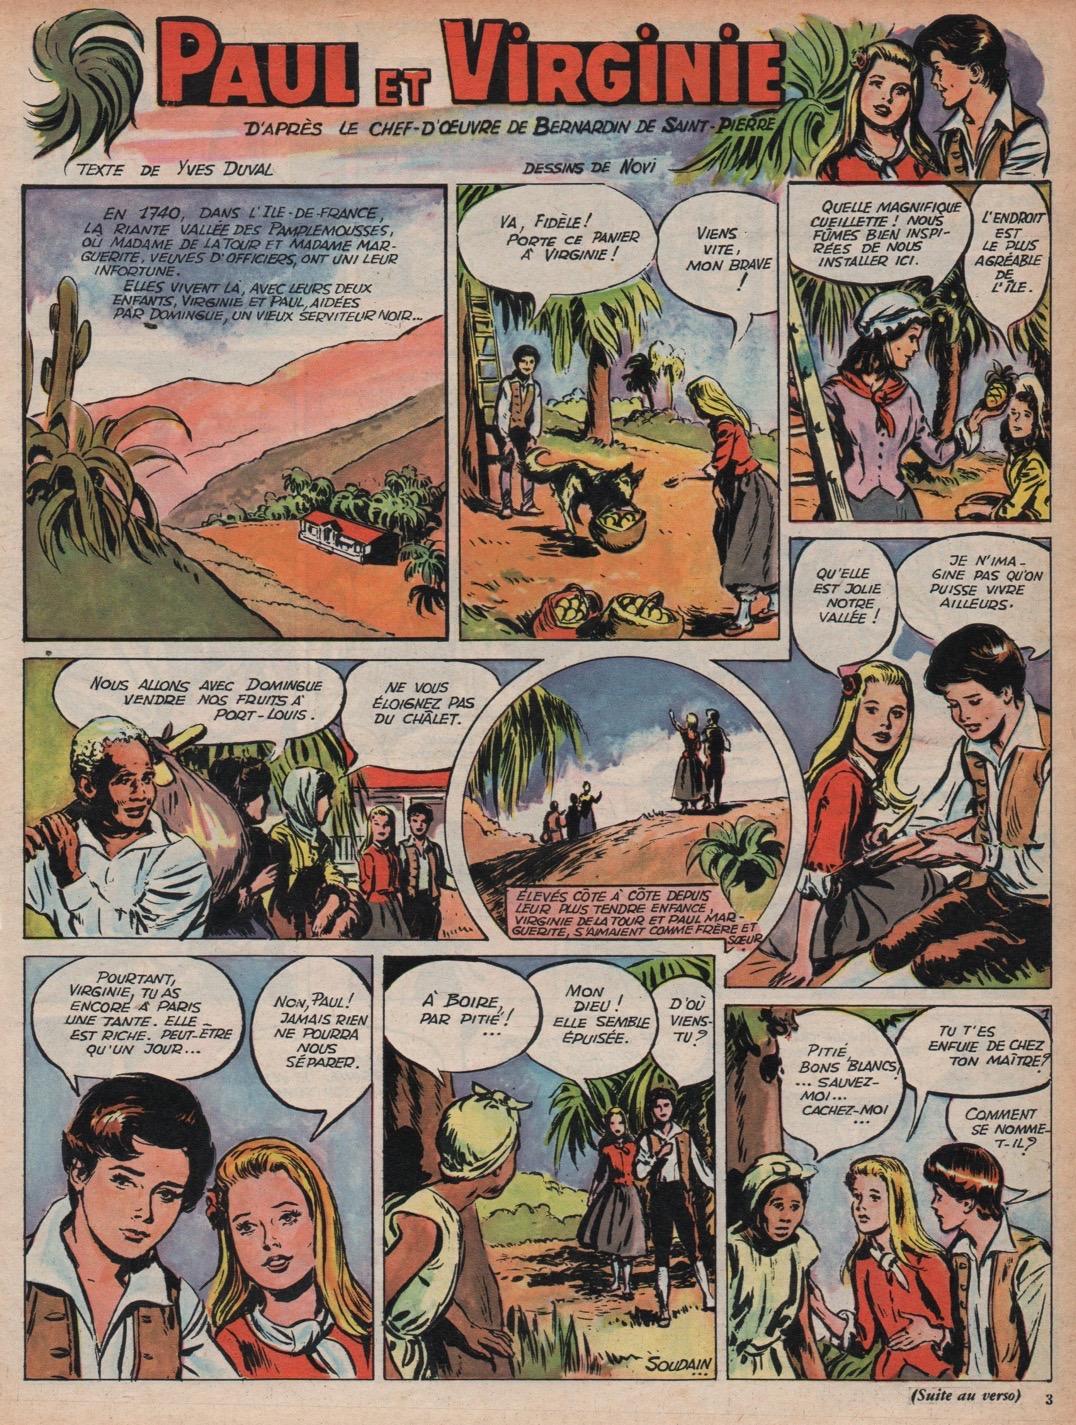 « Paul et Virginie » dans Line n° 306 (18/01/1961).